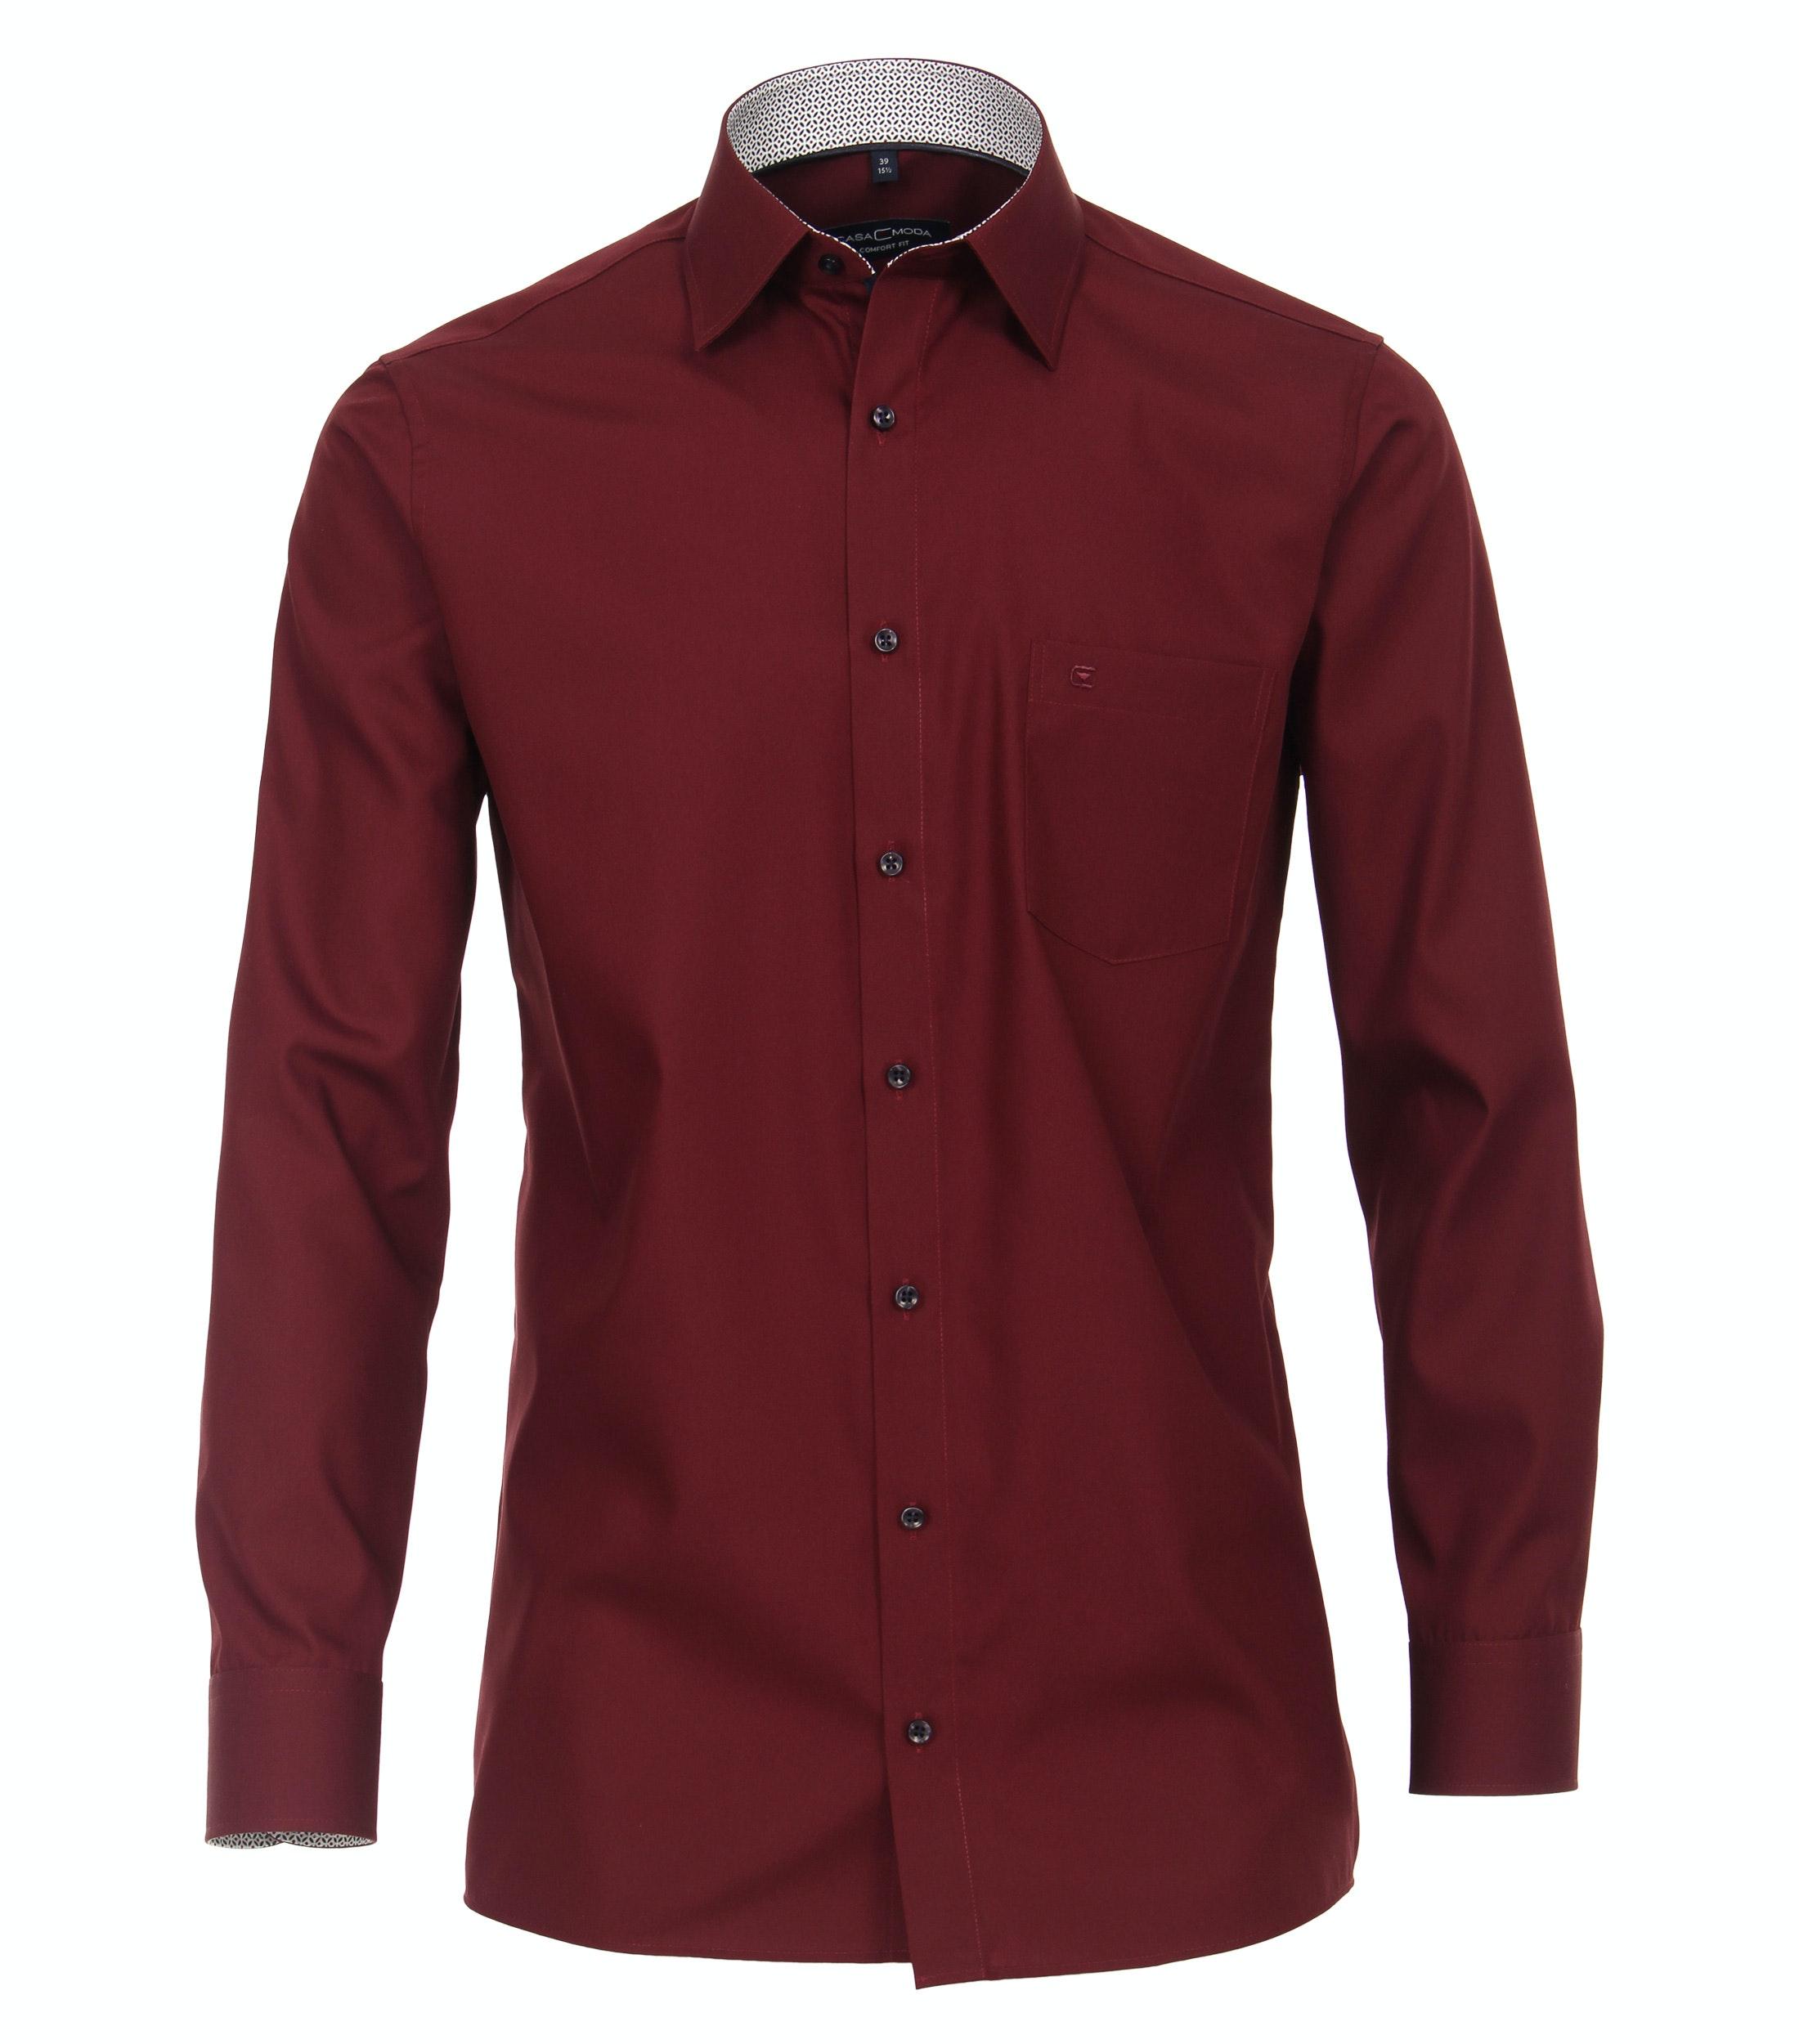 overhemd van merk CASA MODA in de kleur rood, gemaakt van 100% katoen. Dankzij de comfortabele snit en de puur katoenen stof heeft dit modieuze business-overhemd aangename draageigenschappen. De modieuze patroonrand maakt het klassieke overhemd tot een echte blikvanger. Of het nu met een stropdas en een broek is of in combinatie met een chino, dit overhemd is gegarandeerd een slimme verschijning.